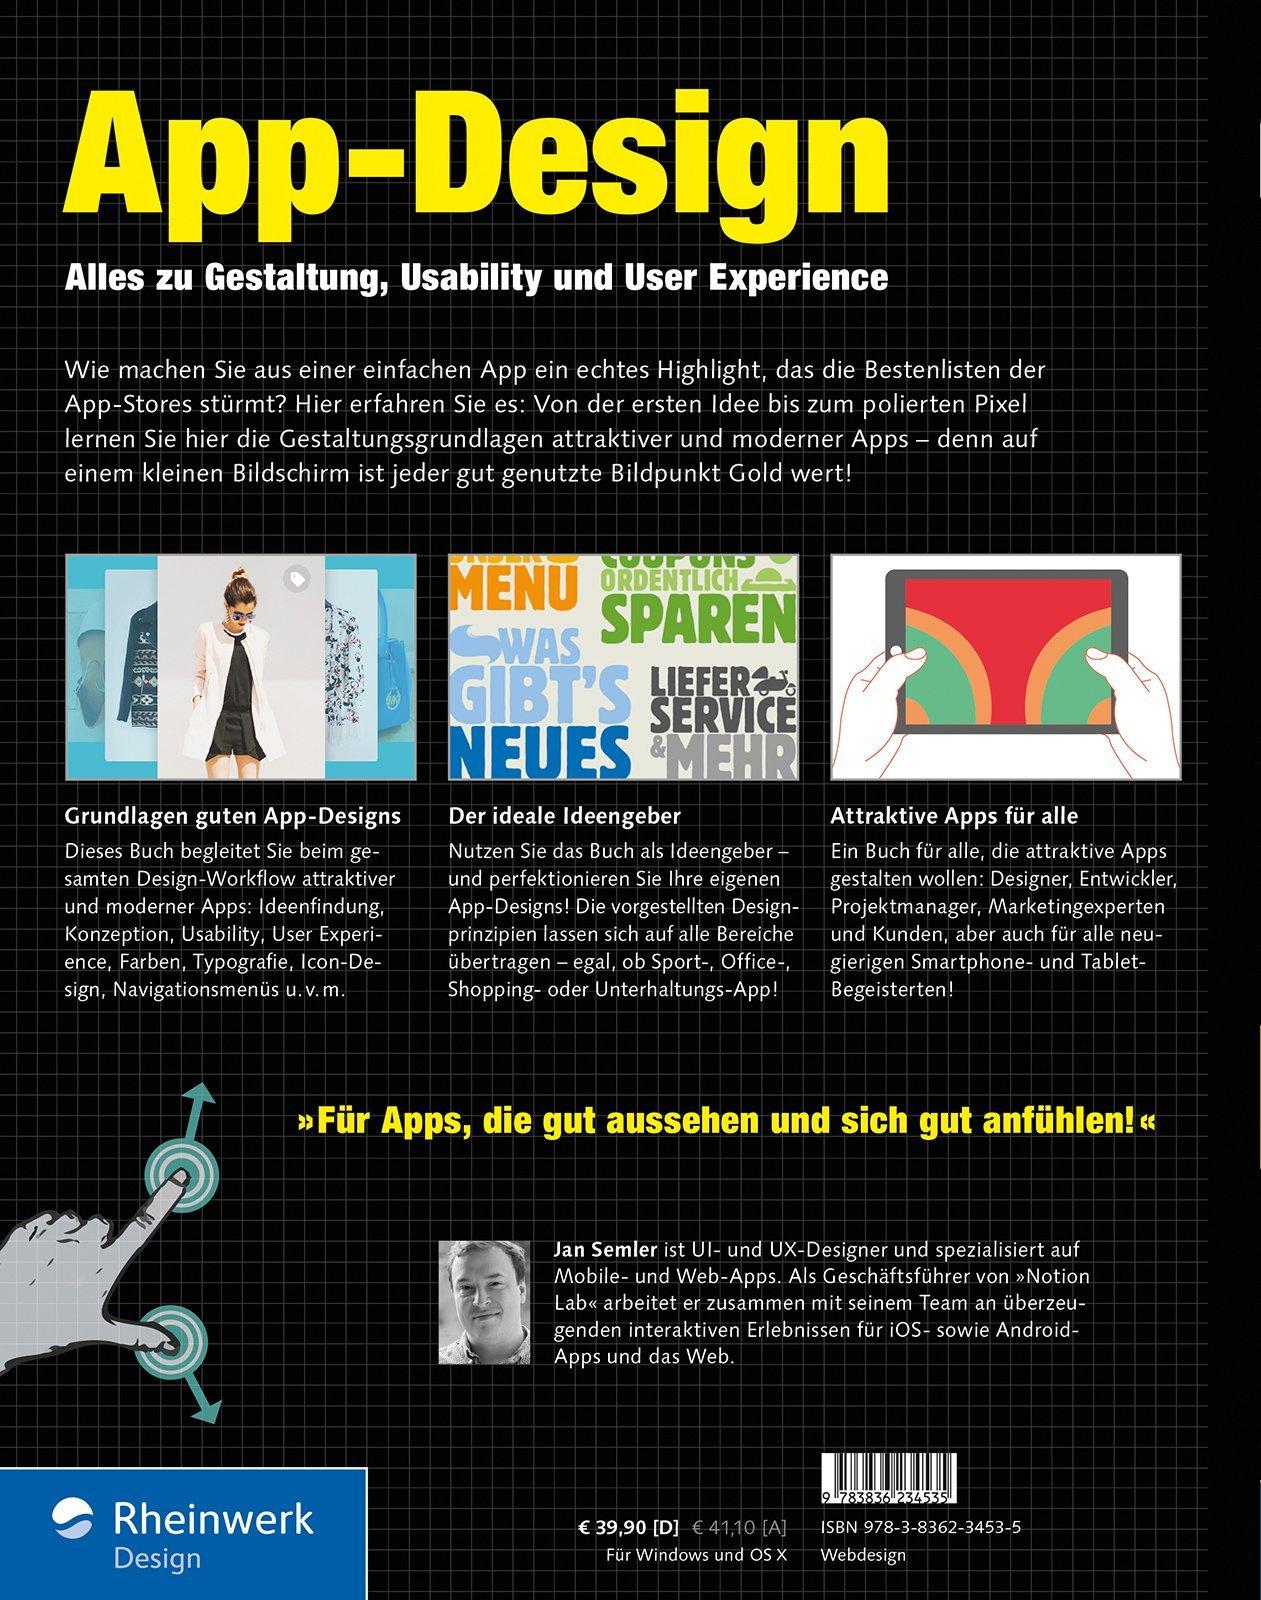 App-Design: Alles zu Gestaltung, Usability und User Experience ...